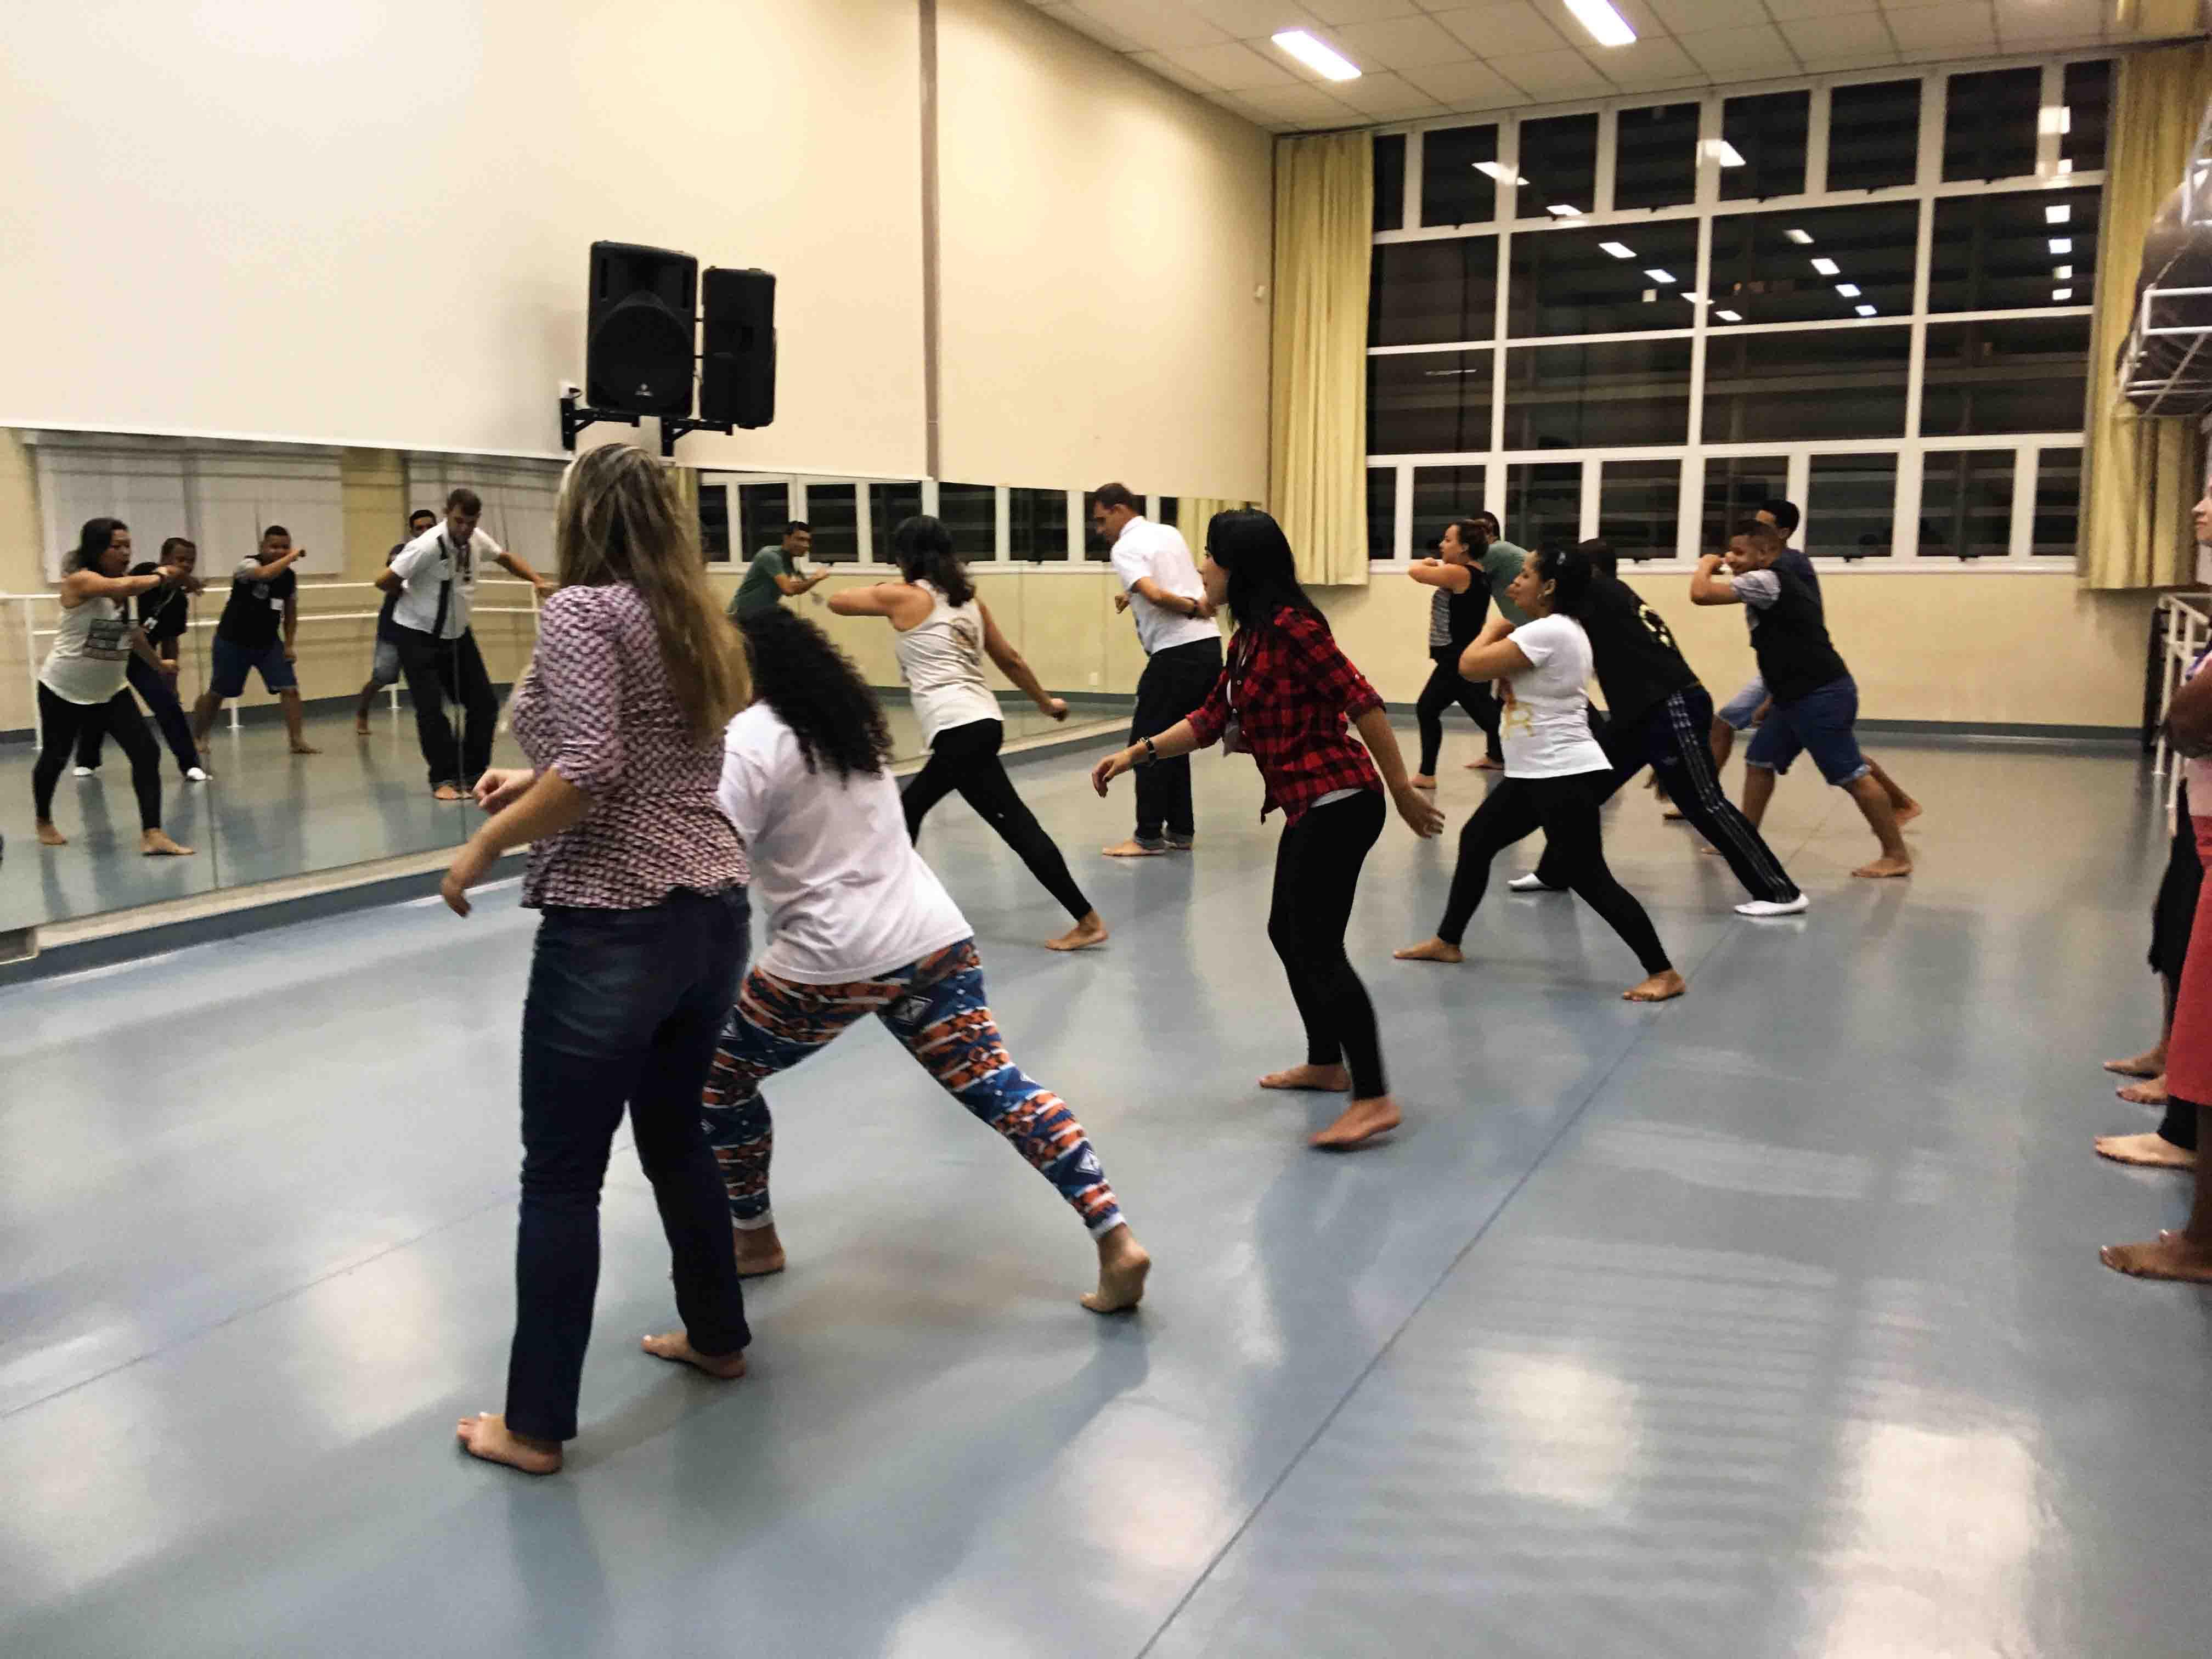 Em frente a espelho, turma treina movimentos de capoeira guiados por professor. Fim da descrição.